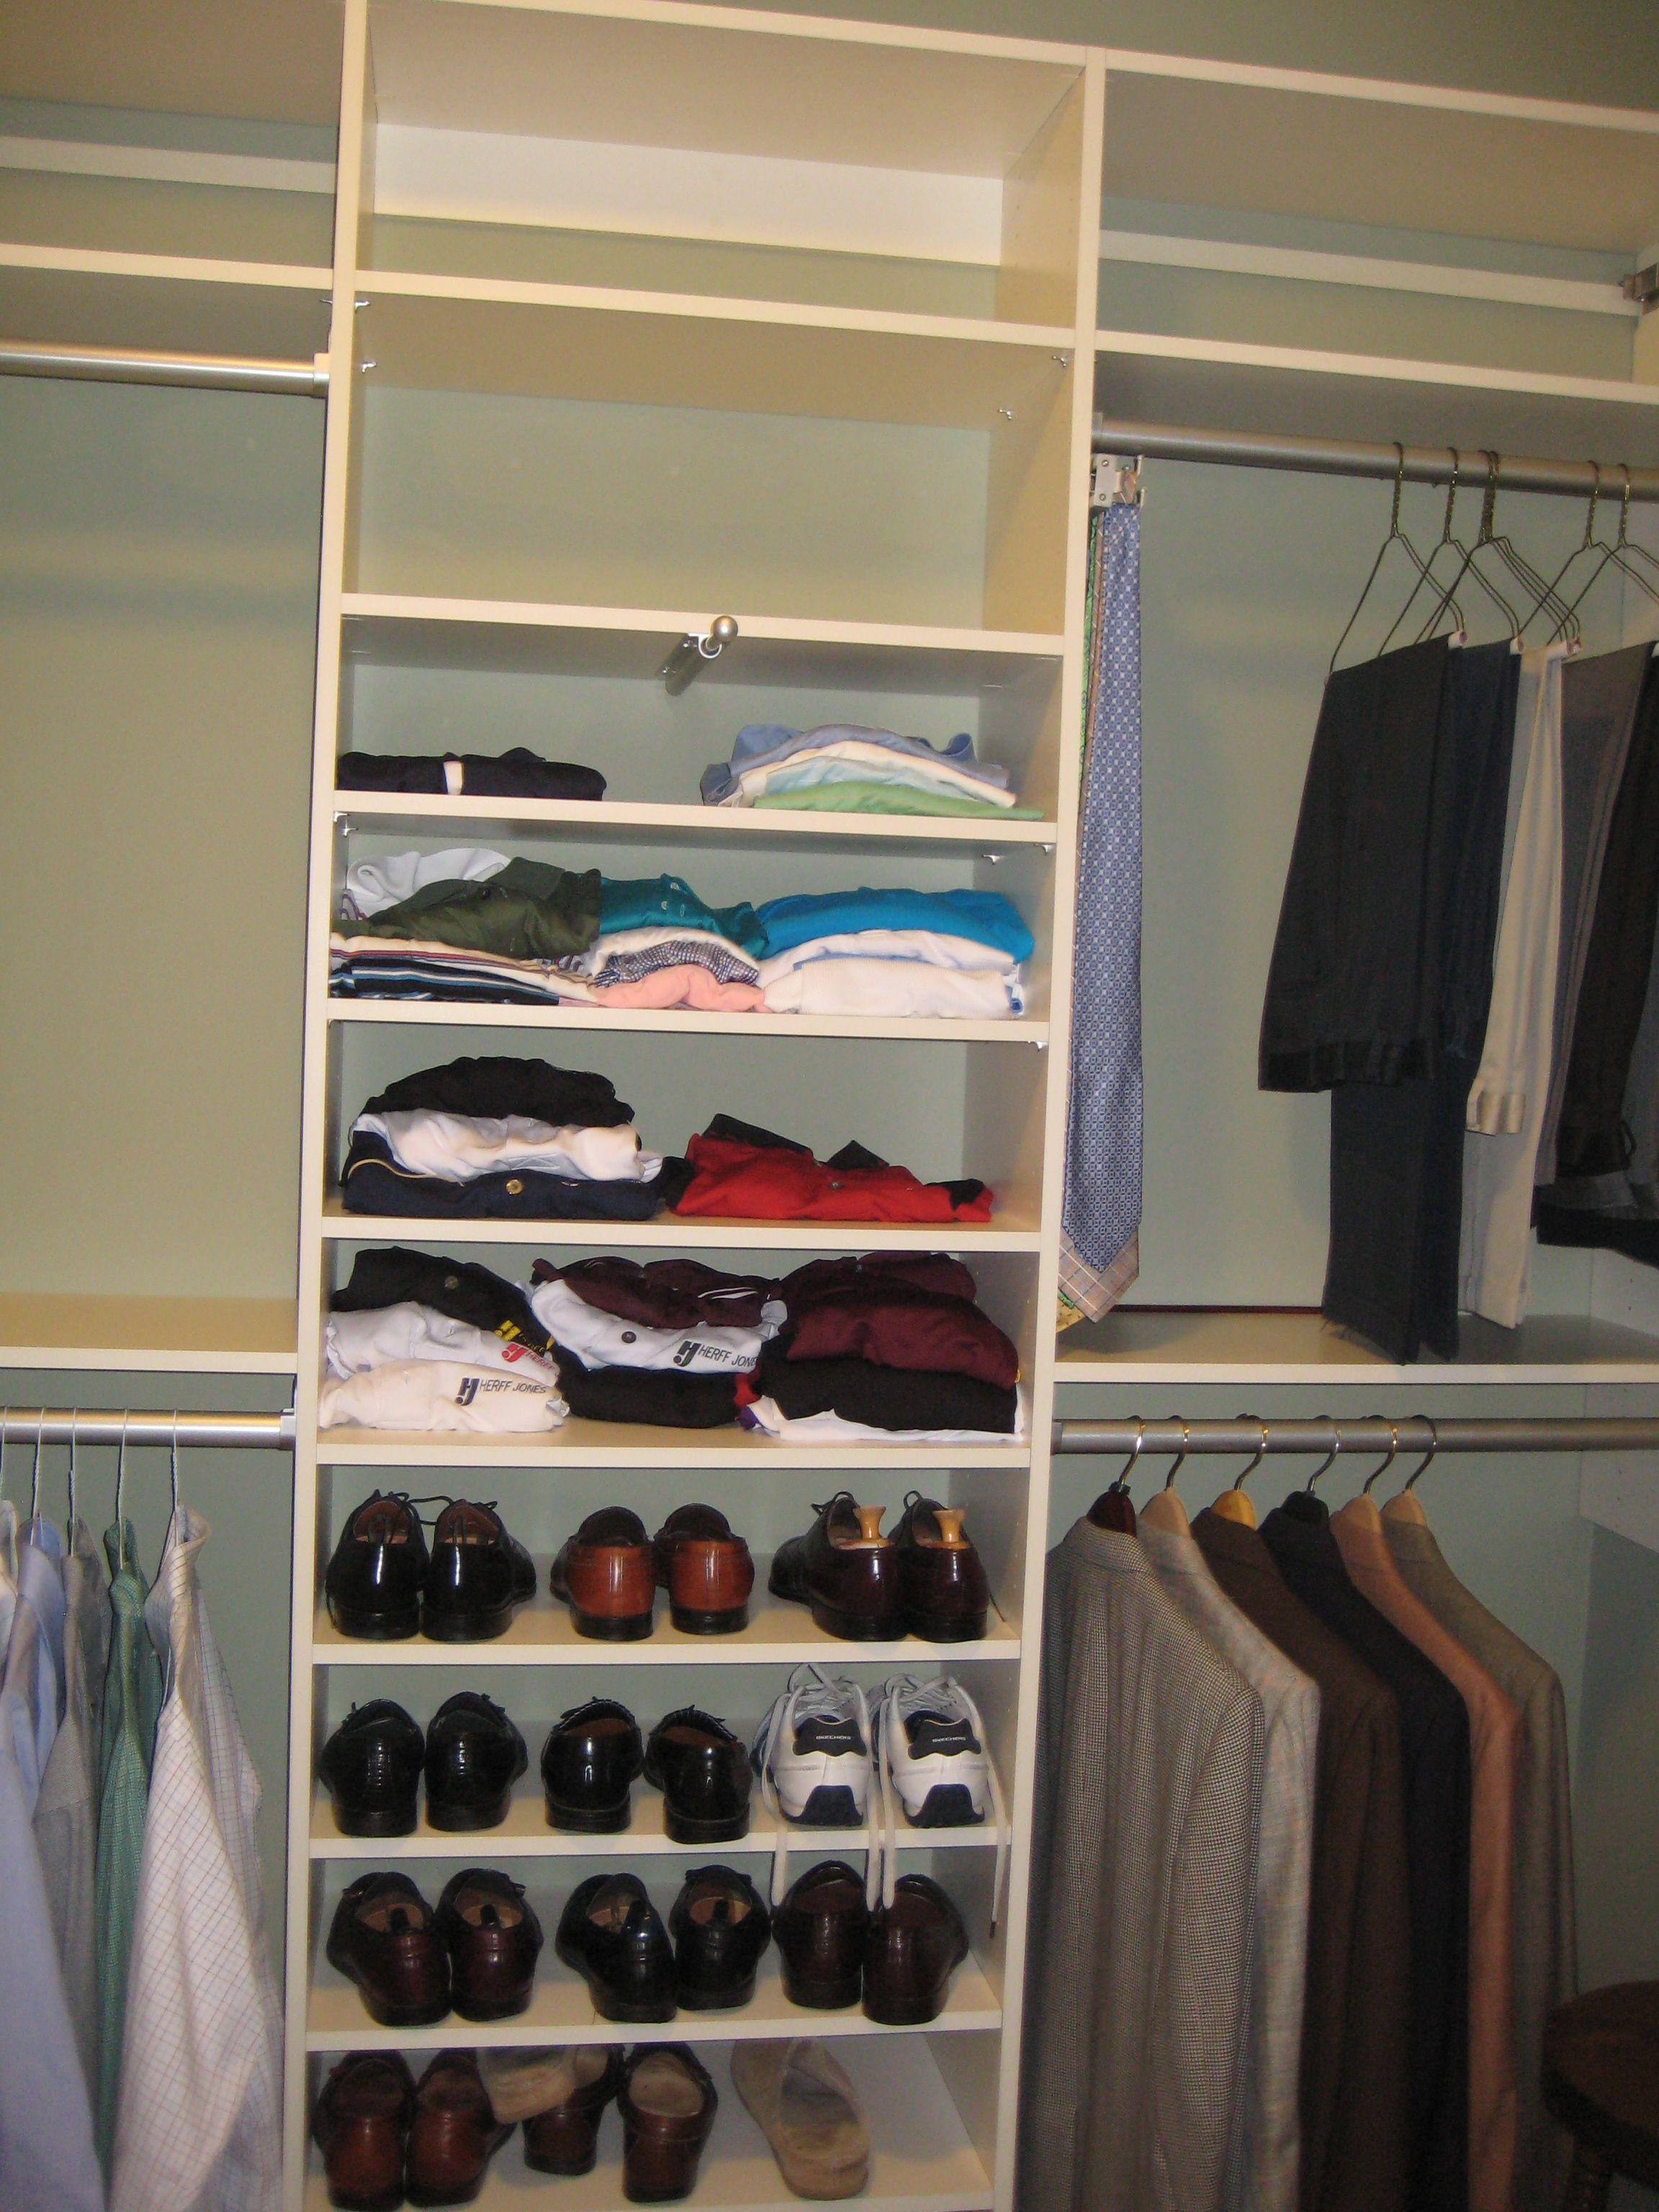 Atlanta Master Closet: His Side Victoria@404closets.com